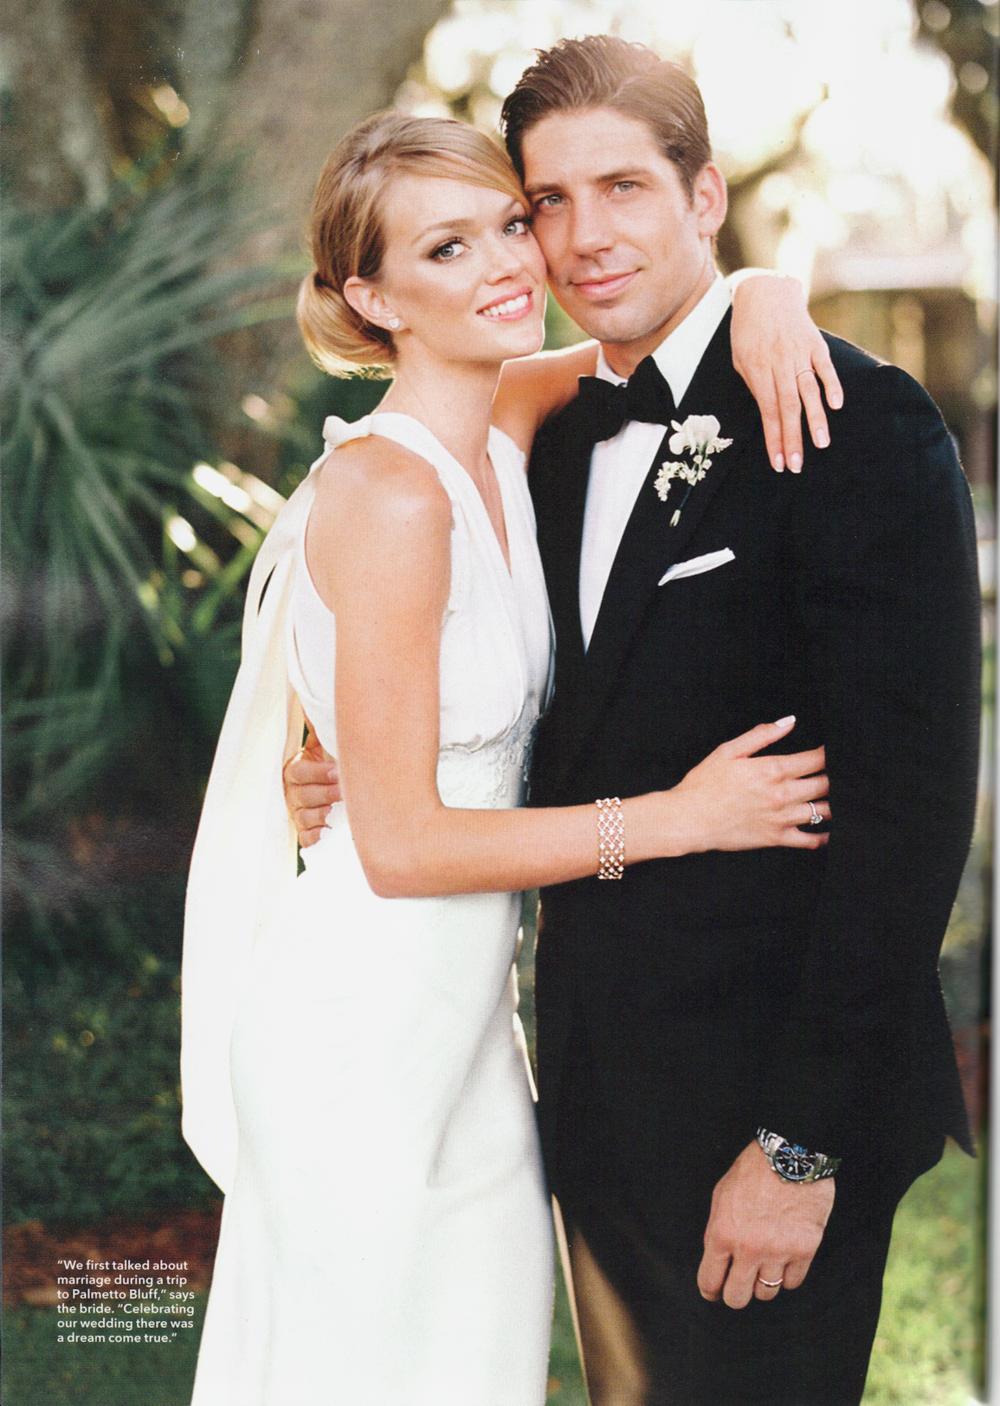 Lindsay Ellingson - Brides - September 2014